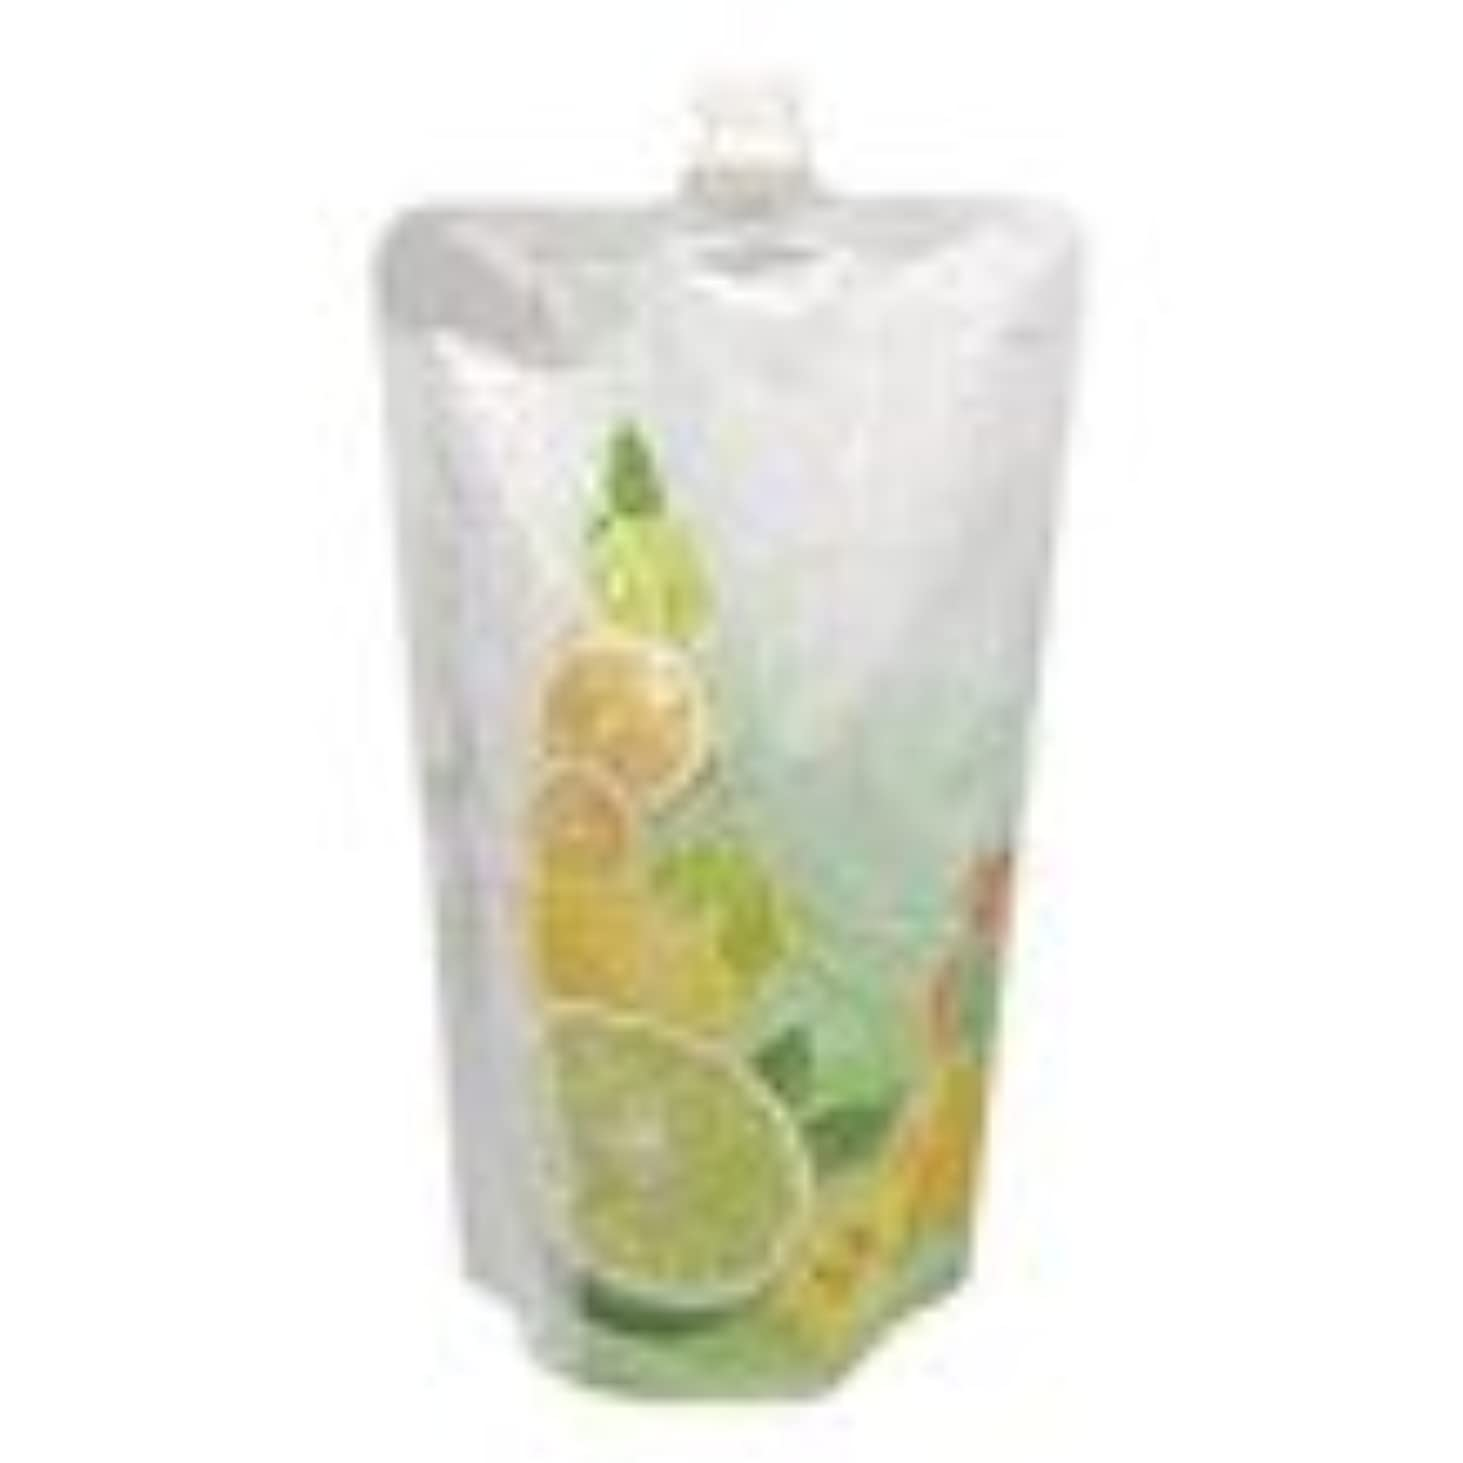 正確な陽気なルーコーナン オリジナル Purely Moist ボディソープ シトラスの香り つめかえ用 1000ml